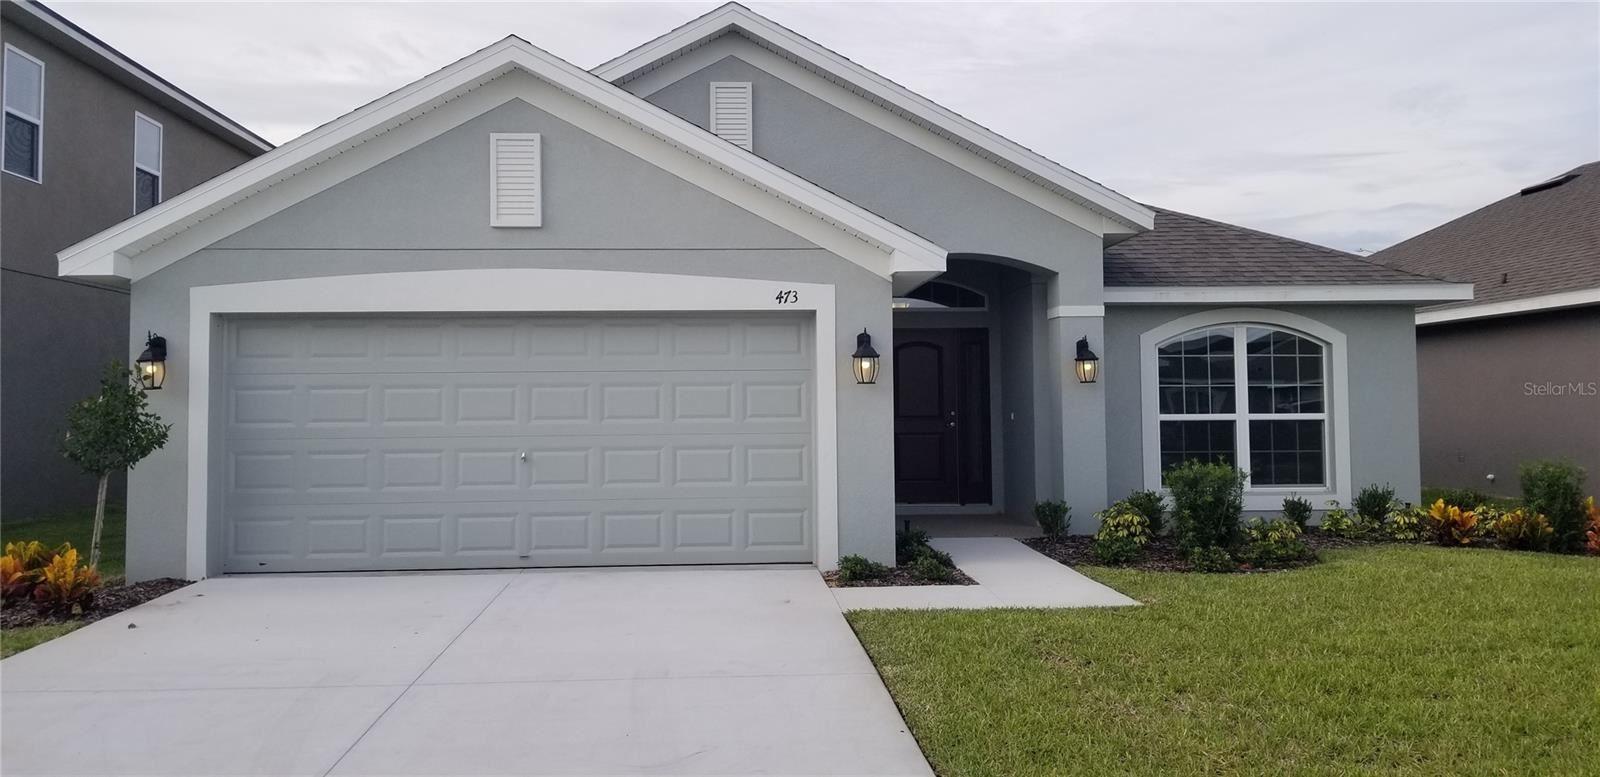 1081 CITRUS LANDINGS BOULEVARD, Davenport, FL 33837 - #: O5949279